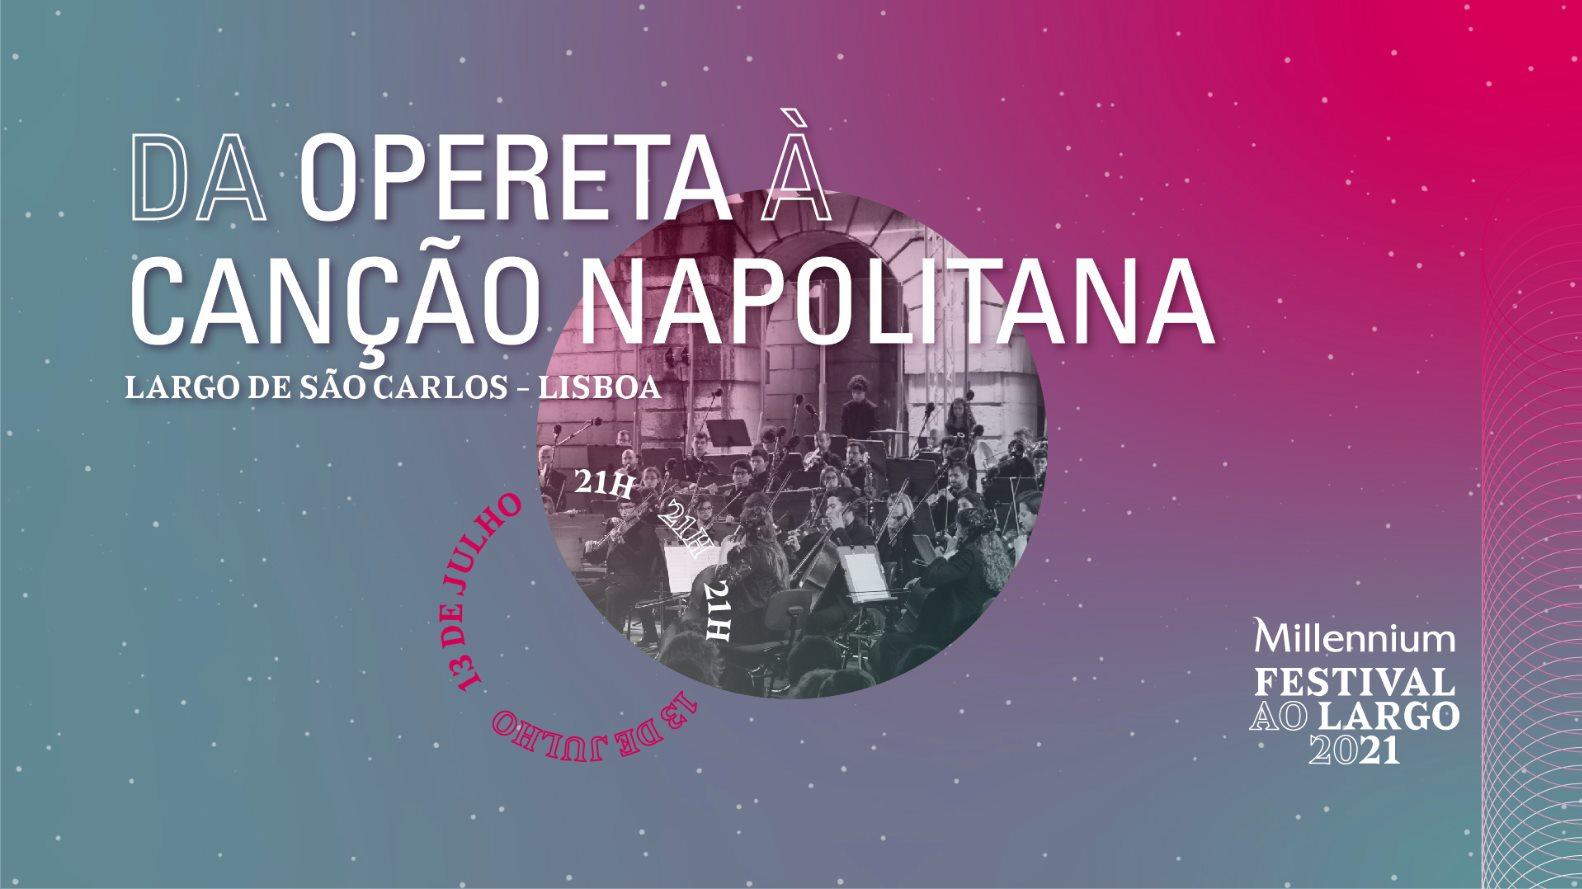 Da opereta à canção napolitana